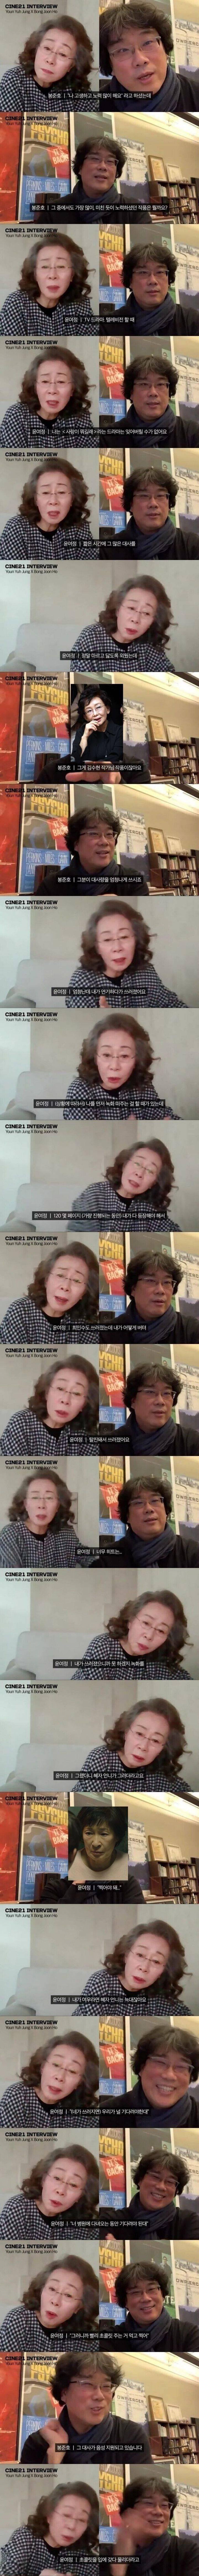 윤여정 배우가 제일 무서워하는 사람.JPG | 인스티즈